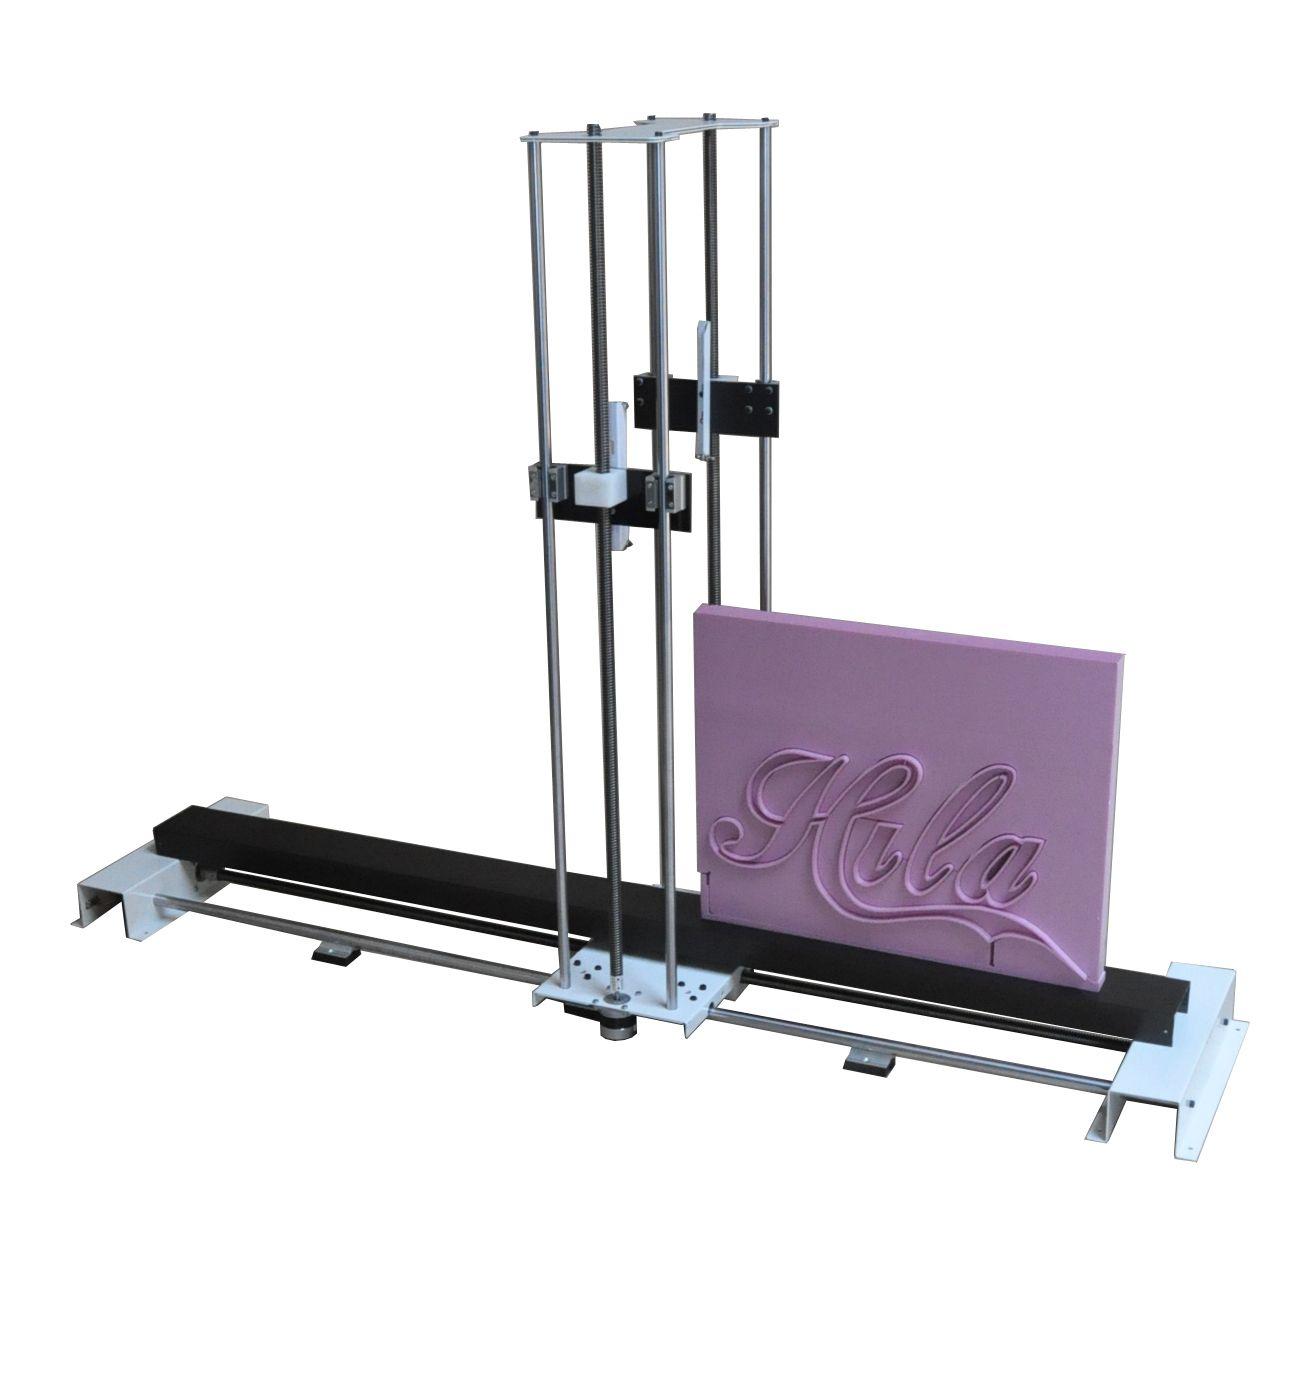 Foamlinx Cnc Hot Wire Sign Cutter Cnc Foam Cutting Machines